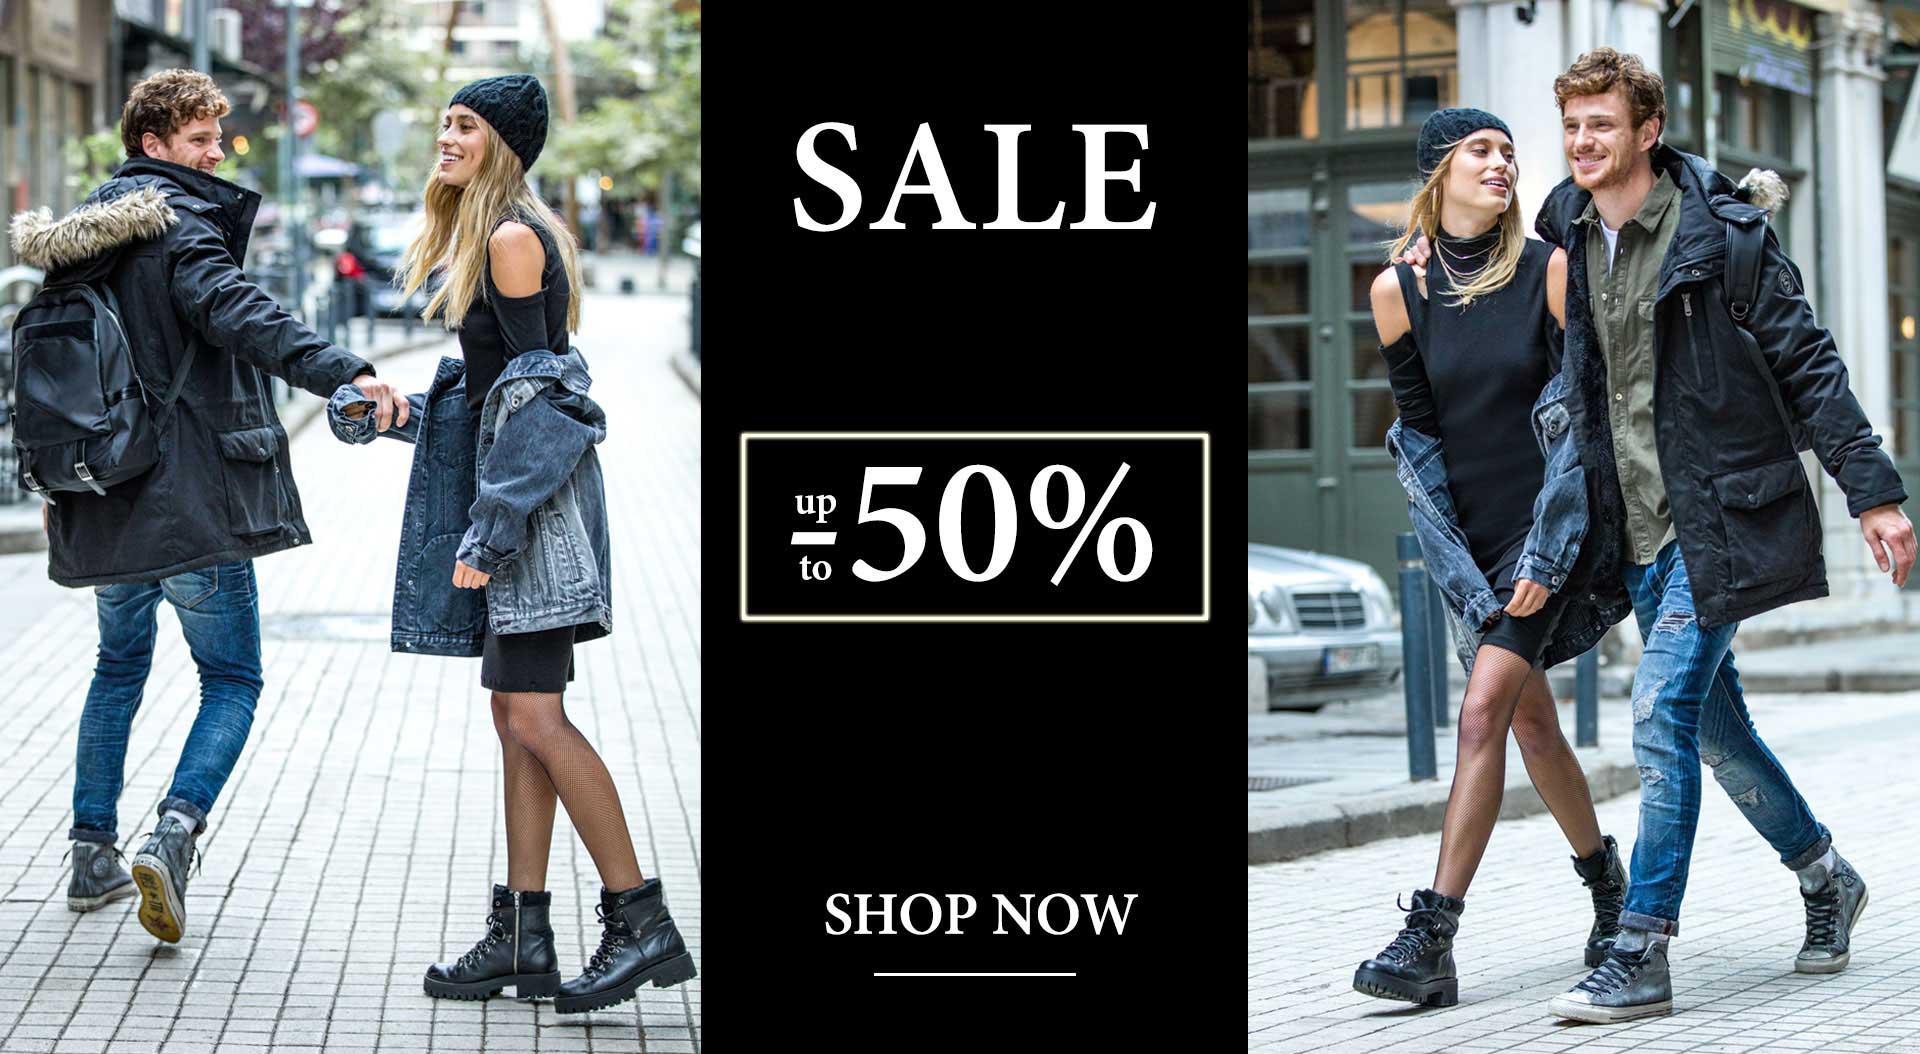 Sale 50% off